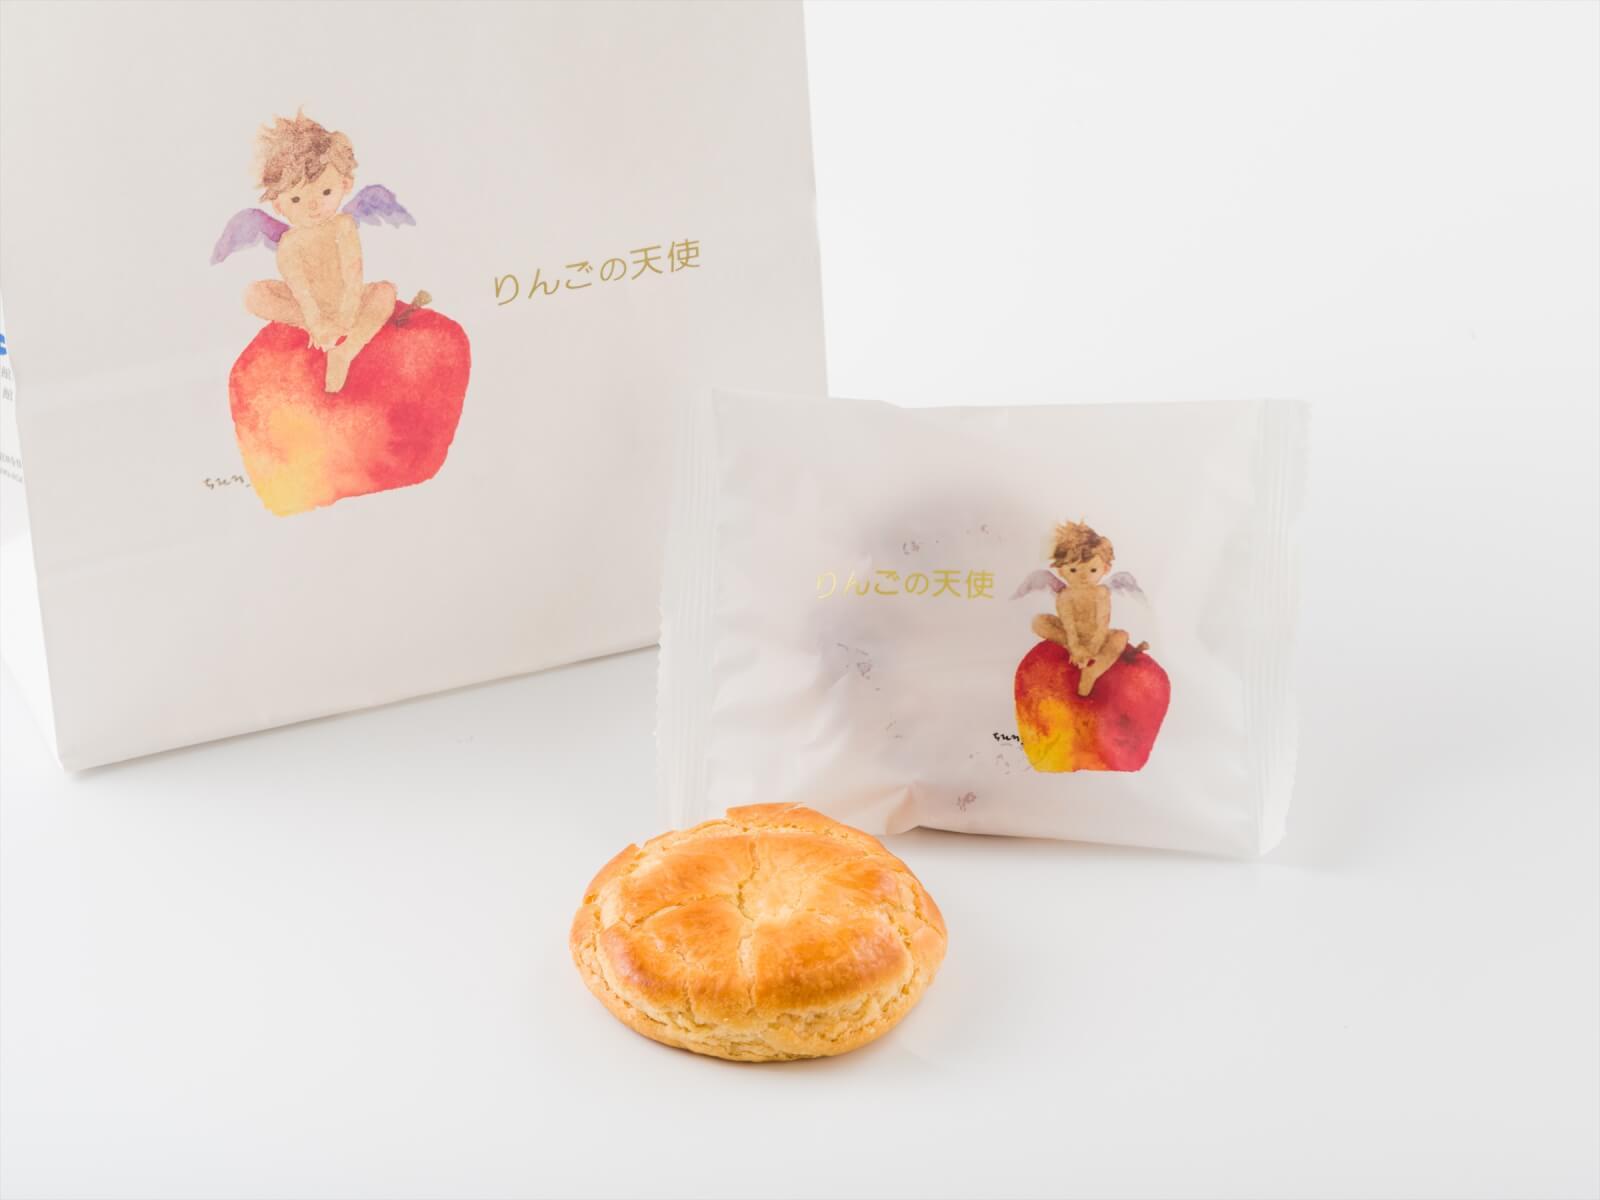 りんごの天使 アップルパイ